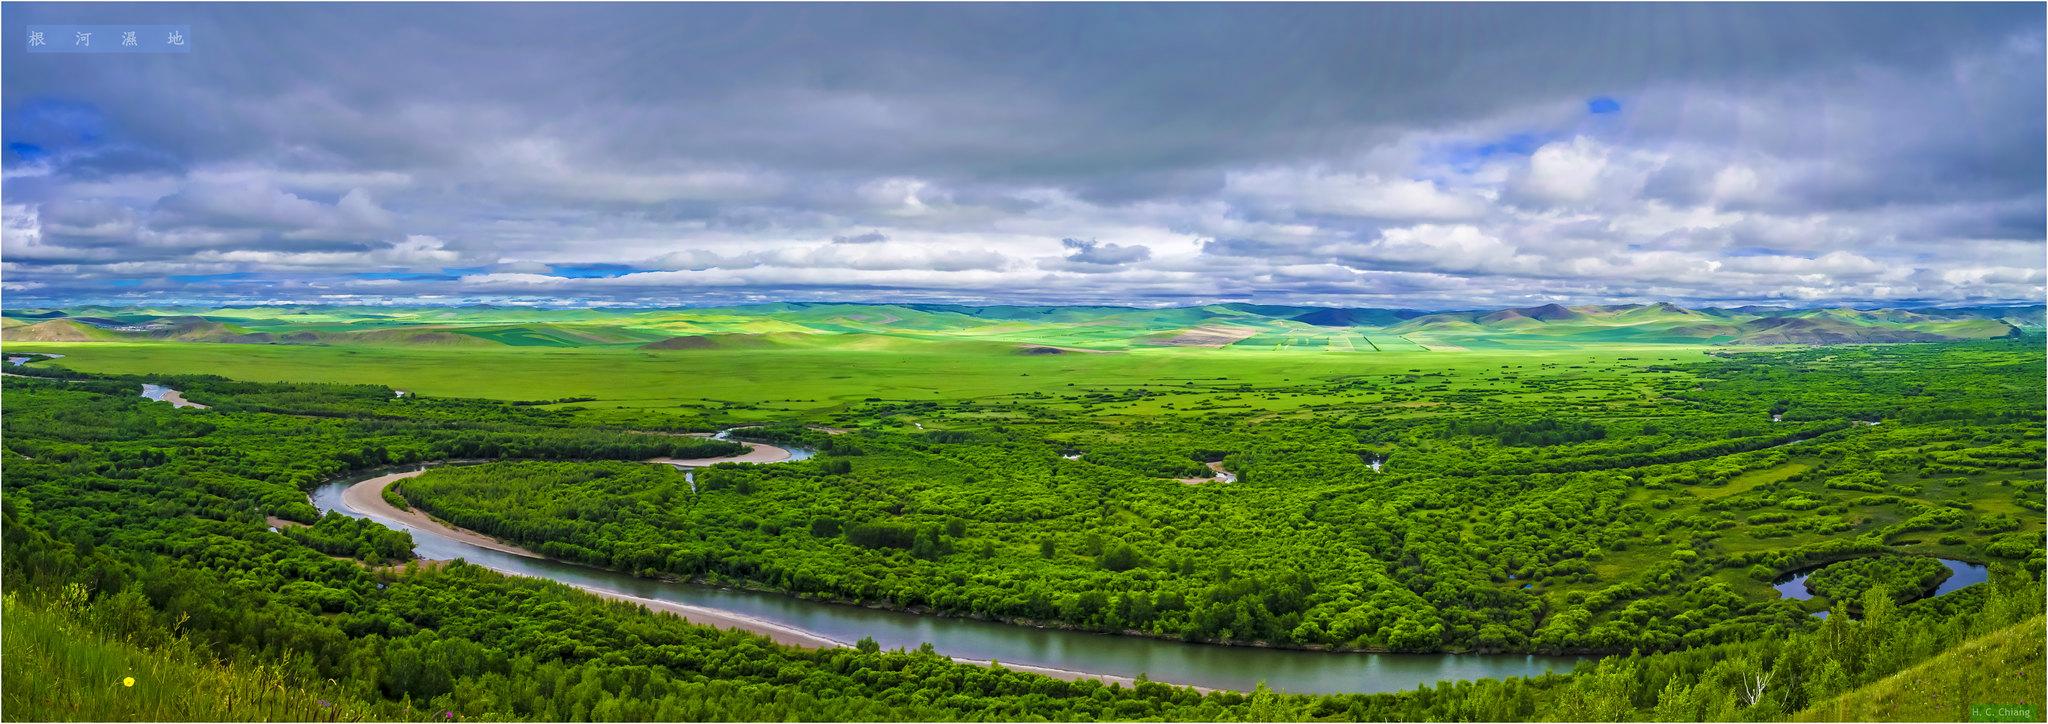 內蒙古東北區呼倫貝爾大草原接圖